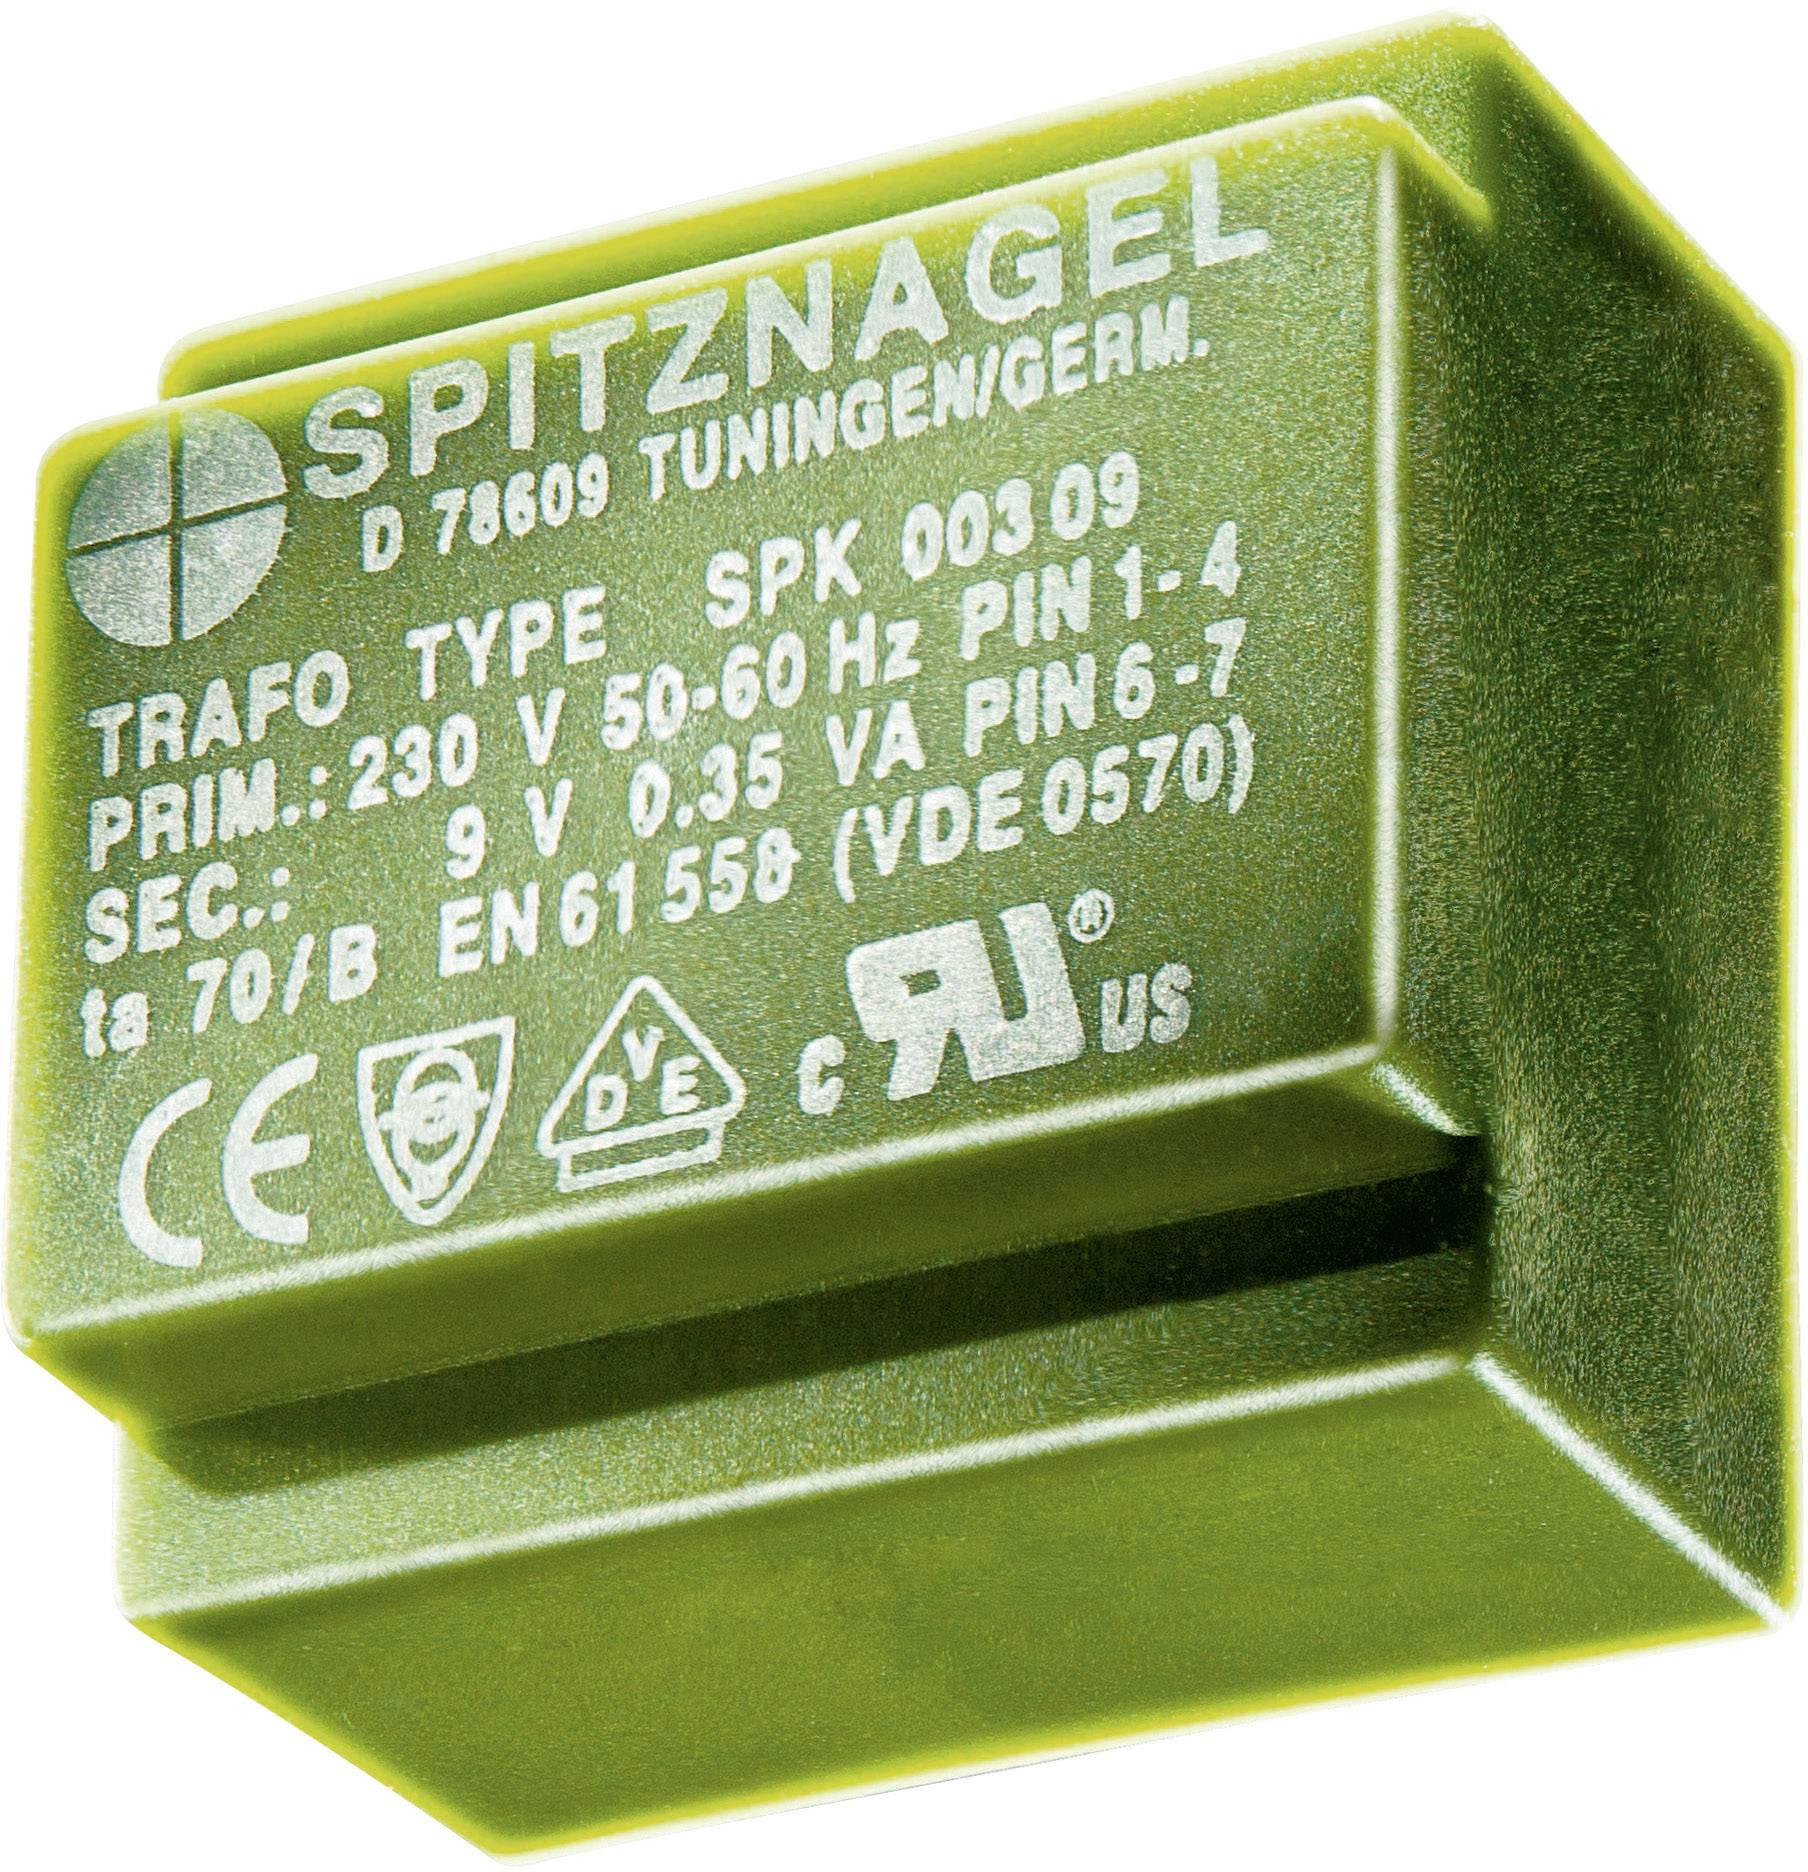 Transformátor do DPS Spitznagel El 30/10,5, 230 V / 24 V, 63 mA, 1,5 VA